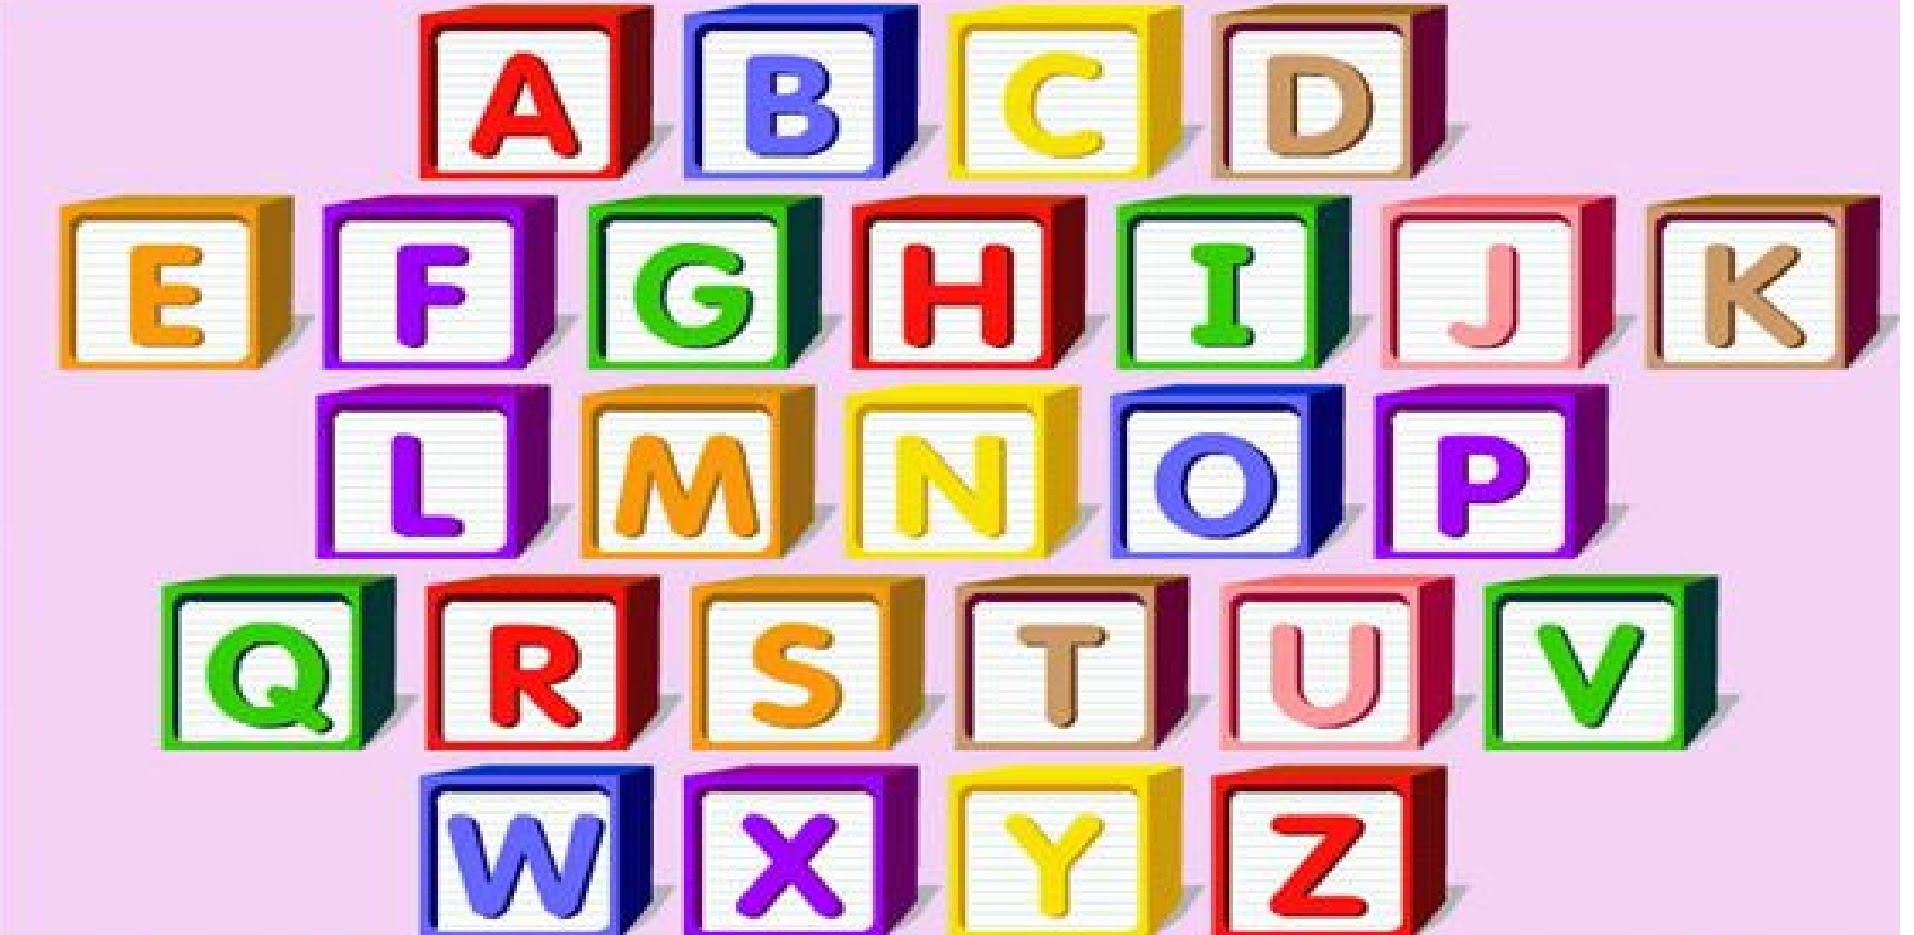 el abecedario hecho con plastilina vídeo educativo niñas y niños